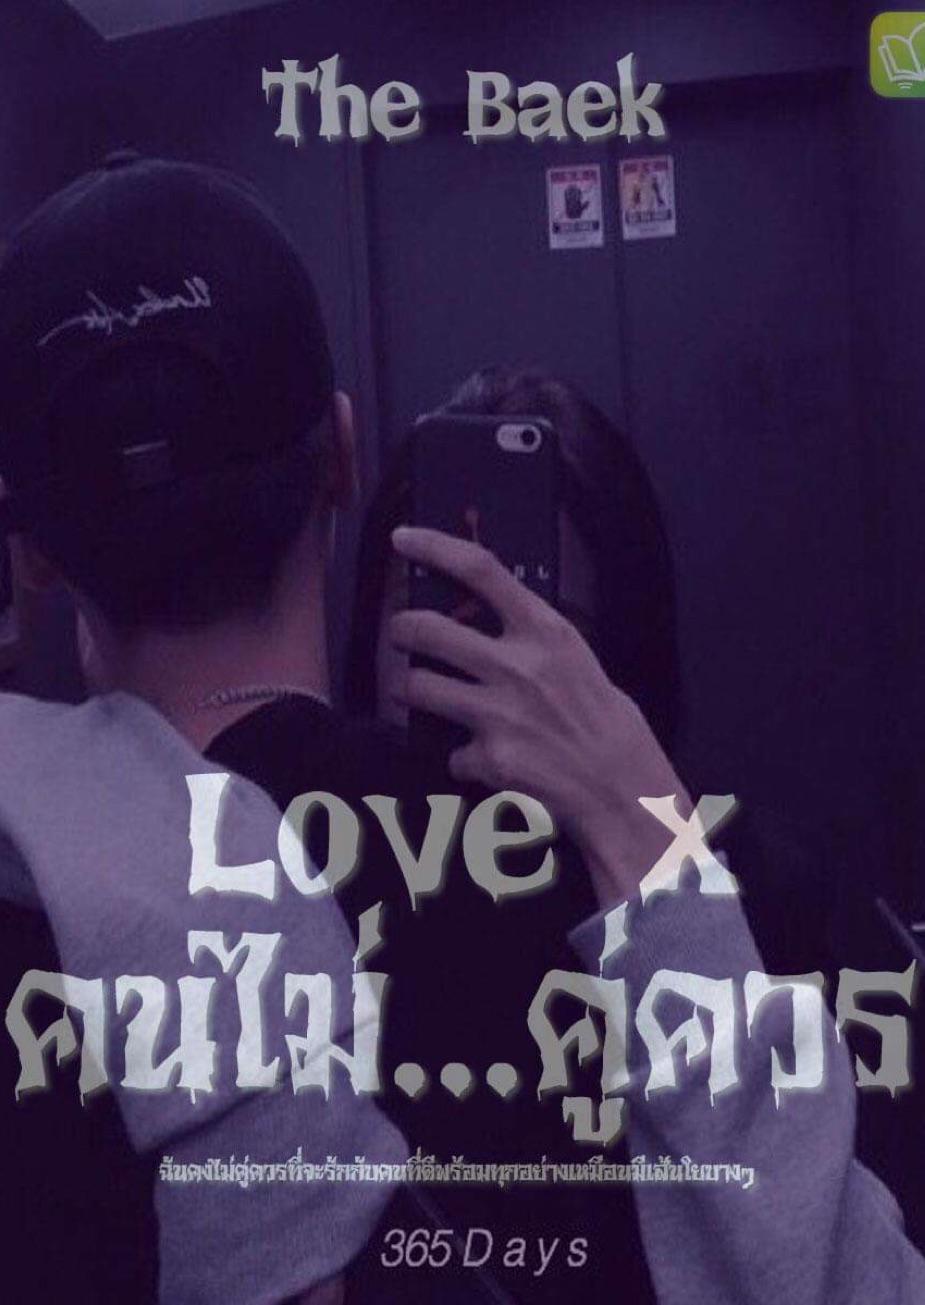 LOVE X คนไม่...คู่ควร